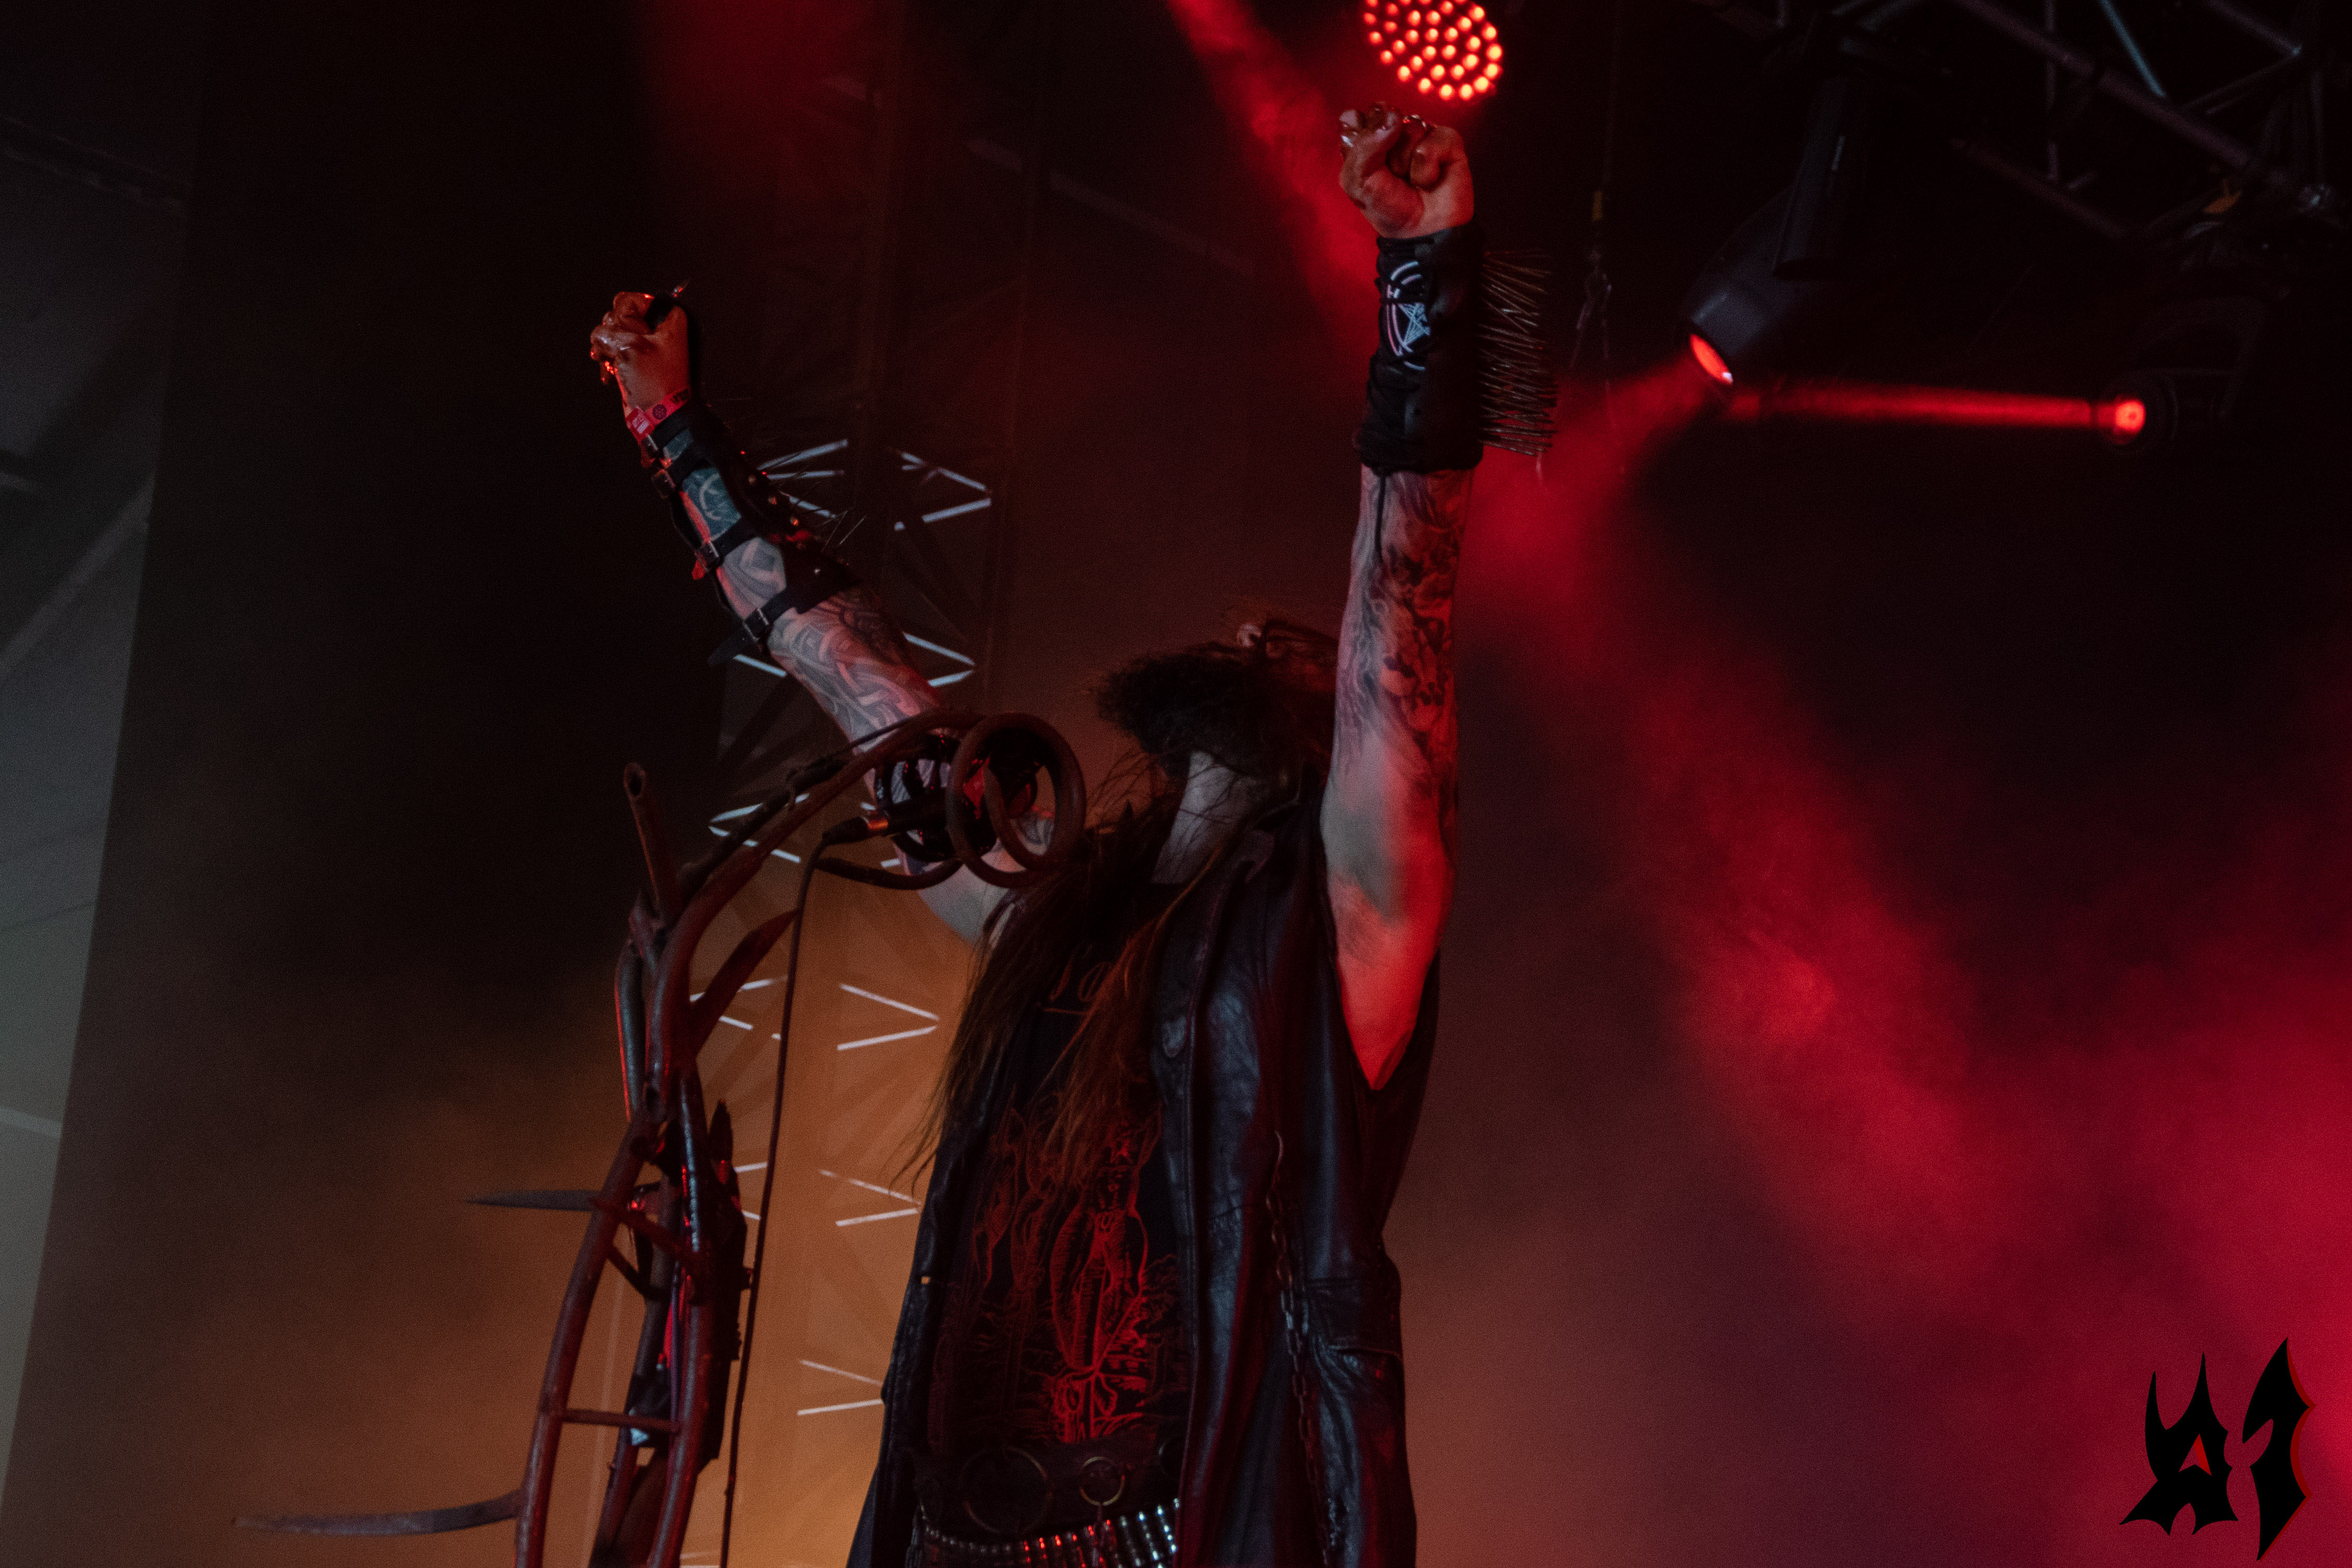 Hellfest - Bliss Of Flesh - 19